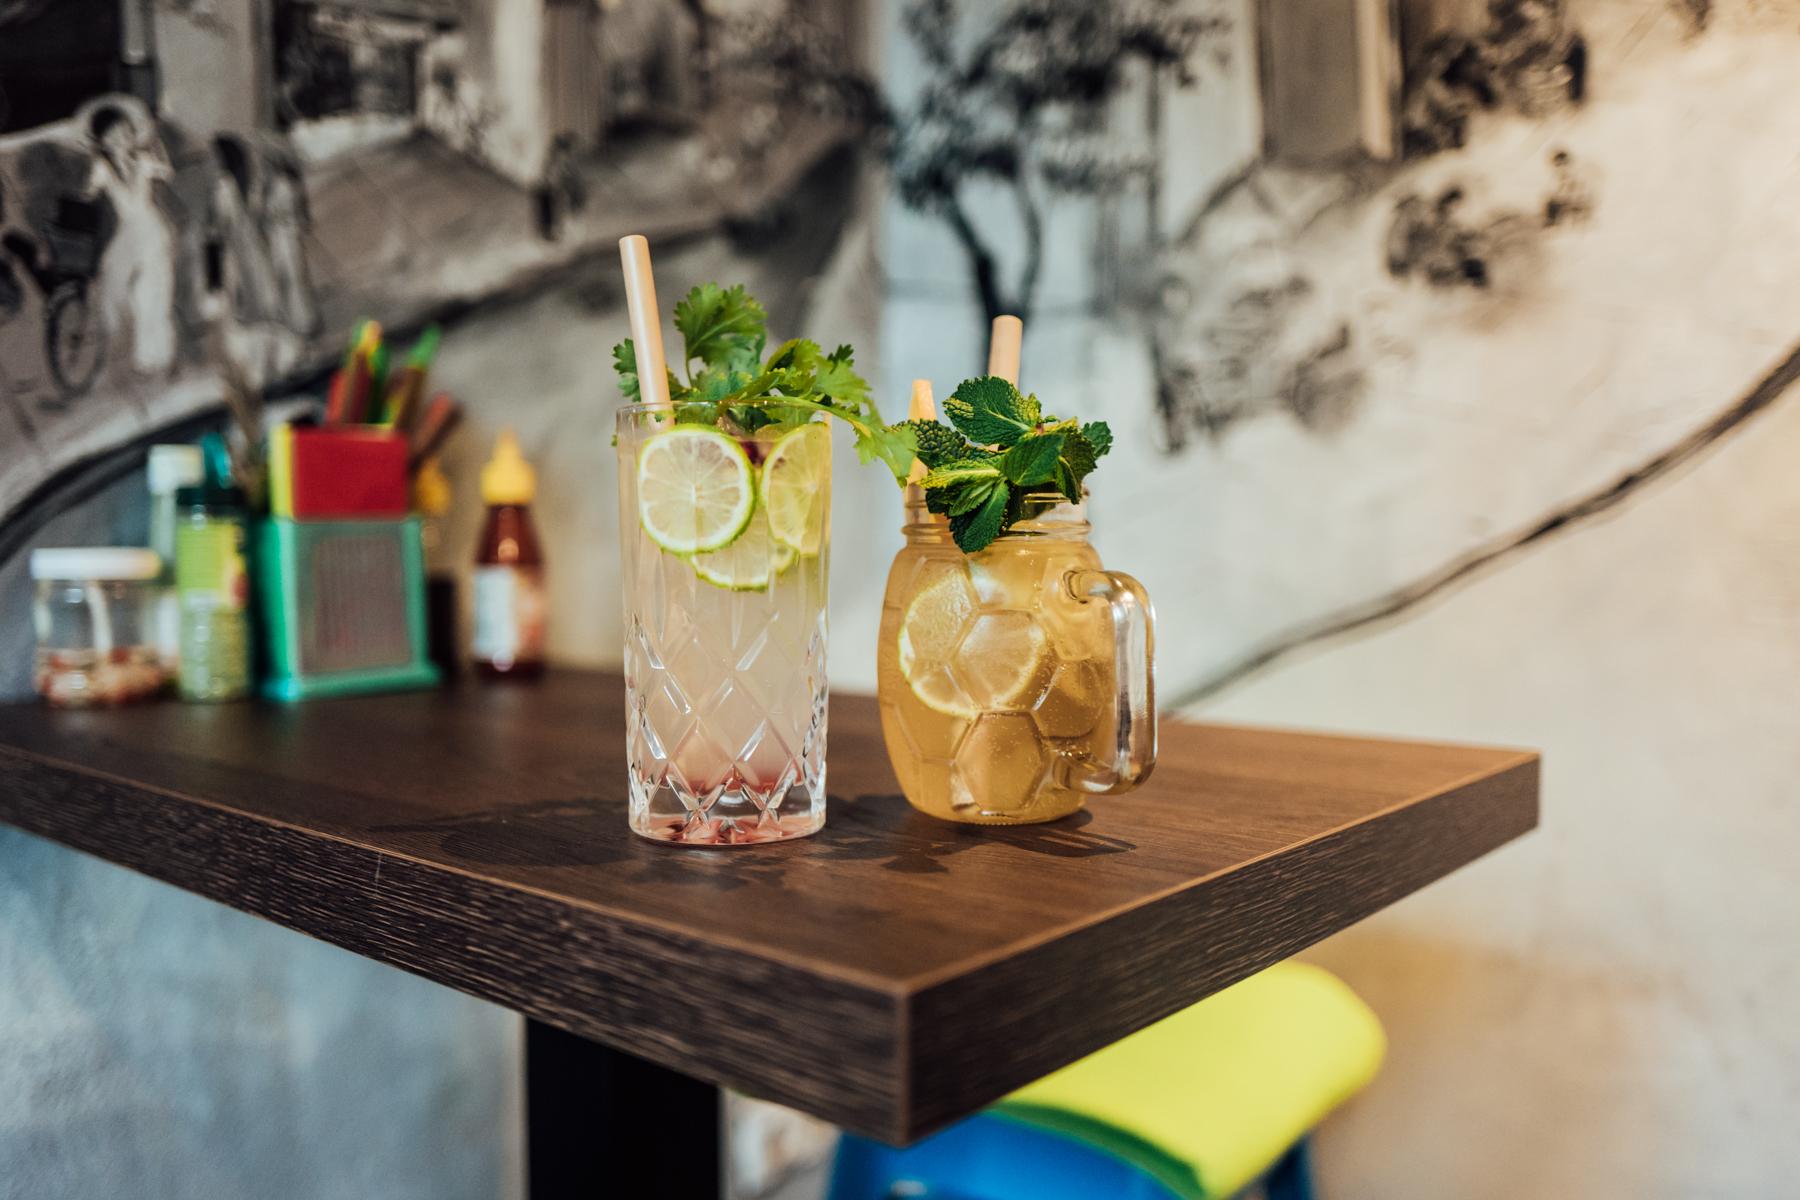 geheimtipp Hamburg St Georg Essen & Trinken Restaurant Pho & Rice Lisa Knauer 7